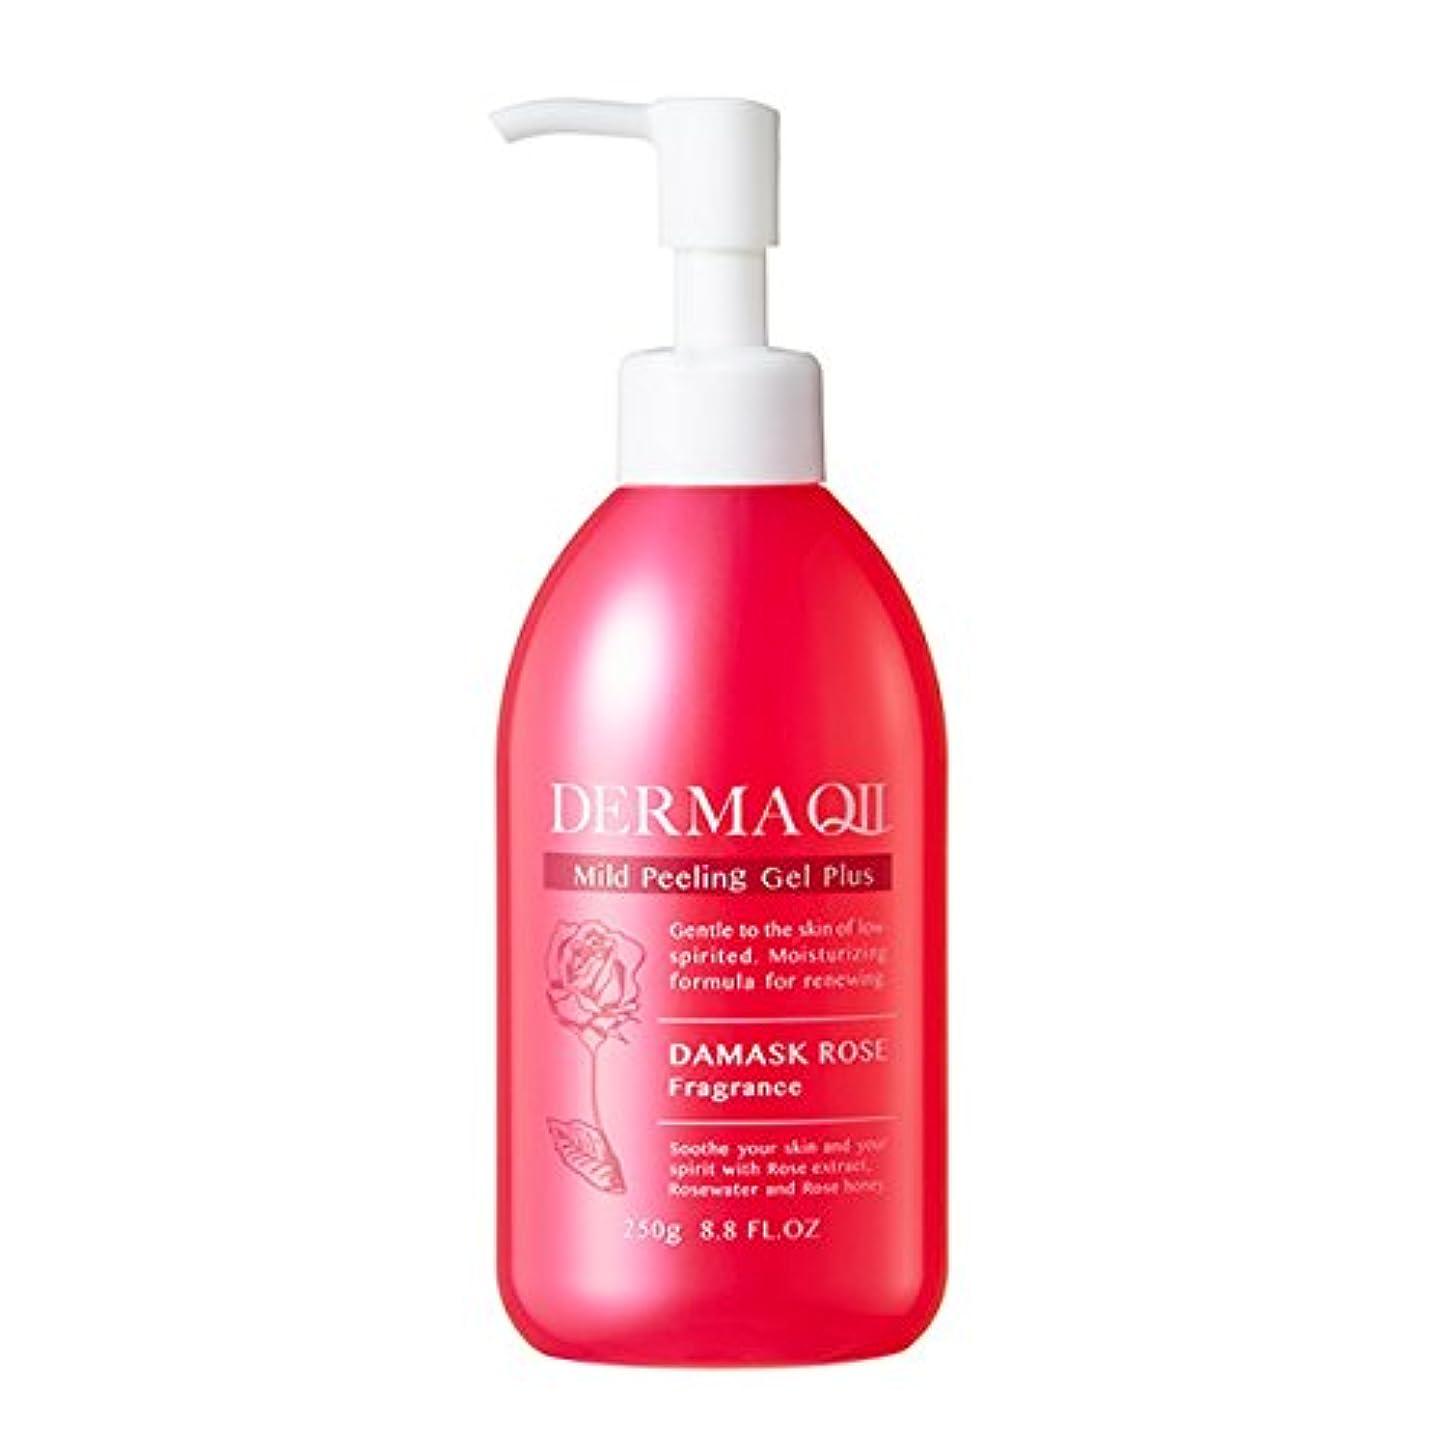 有害なとても省【公式】デルマキューⅡ マイルドピーリングゲル プラス ダマスクローズの香り 250g(6ヶ月分)